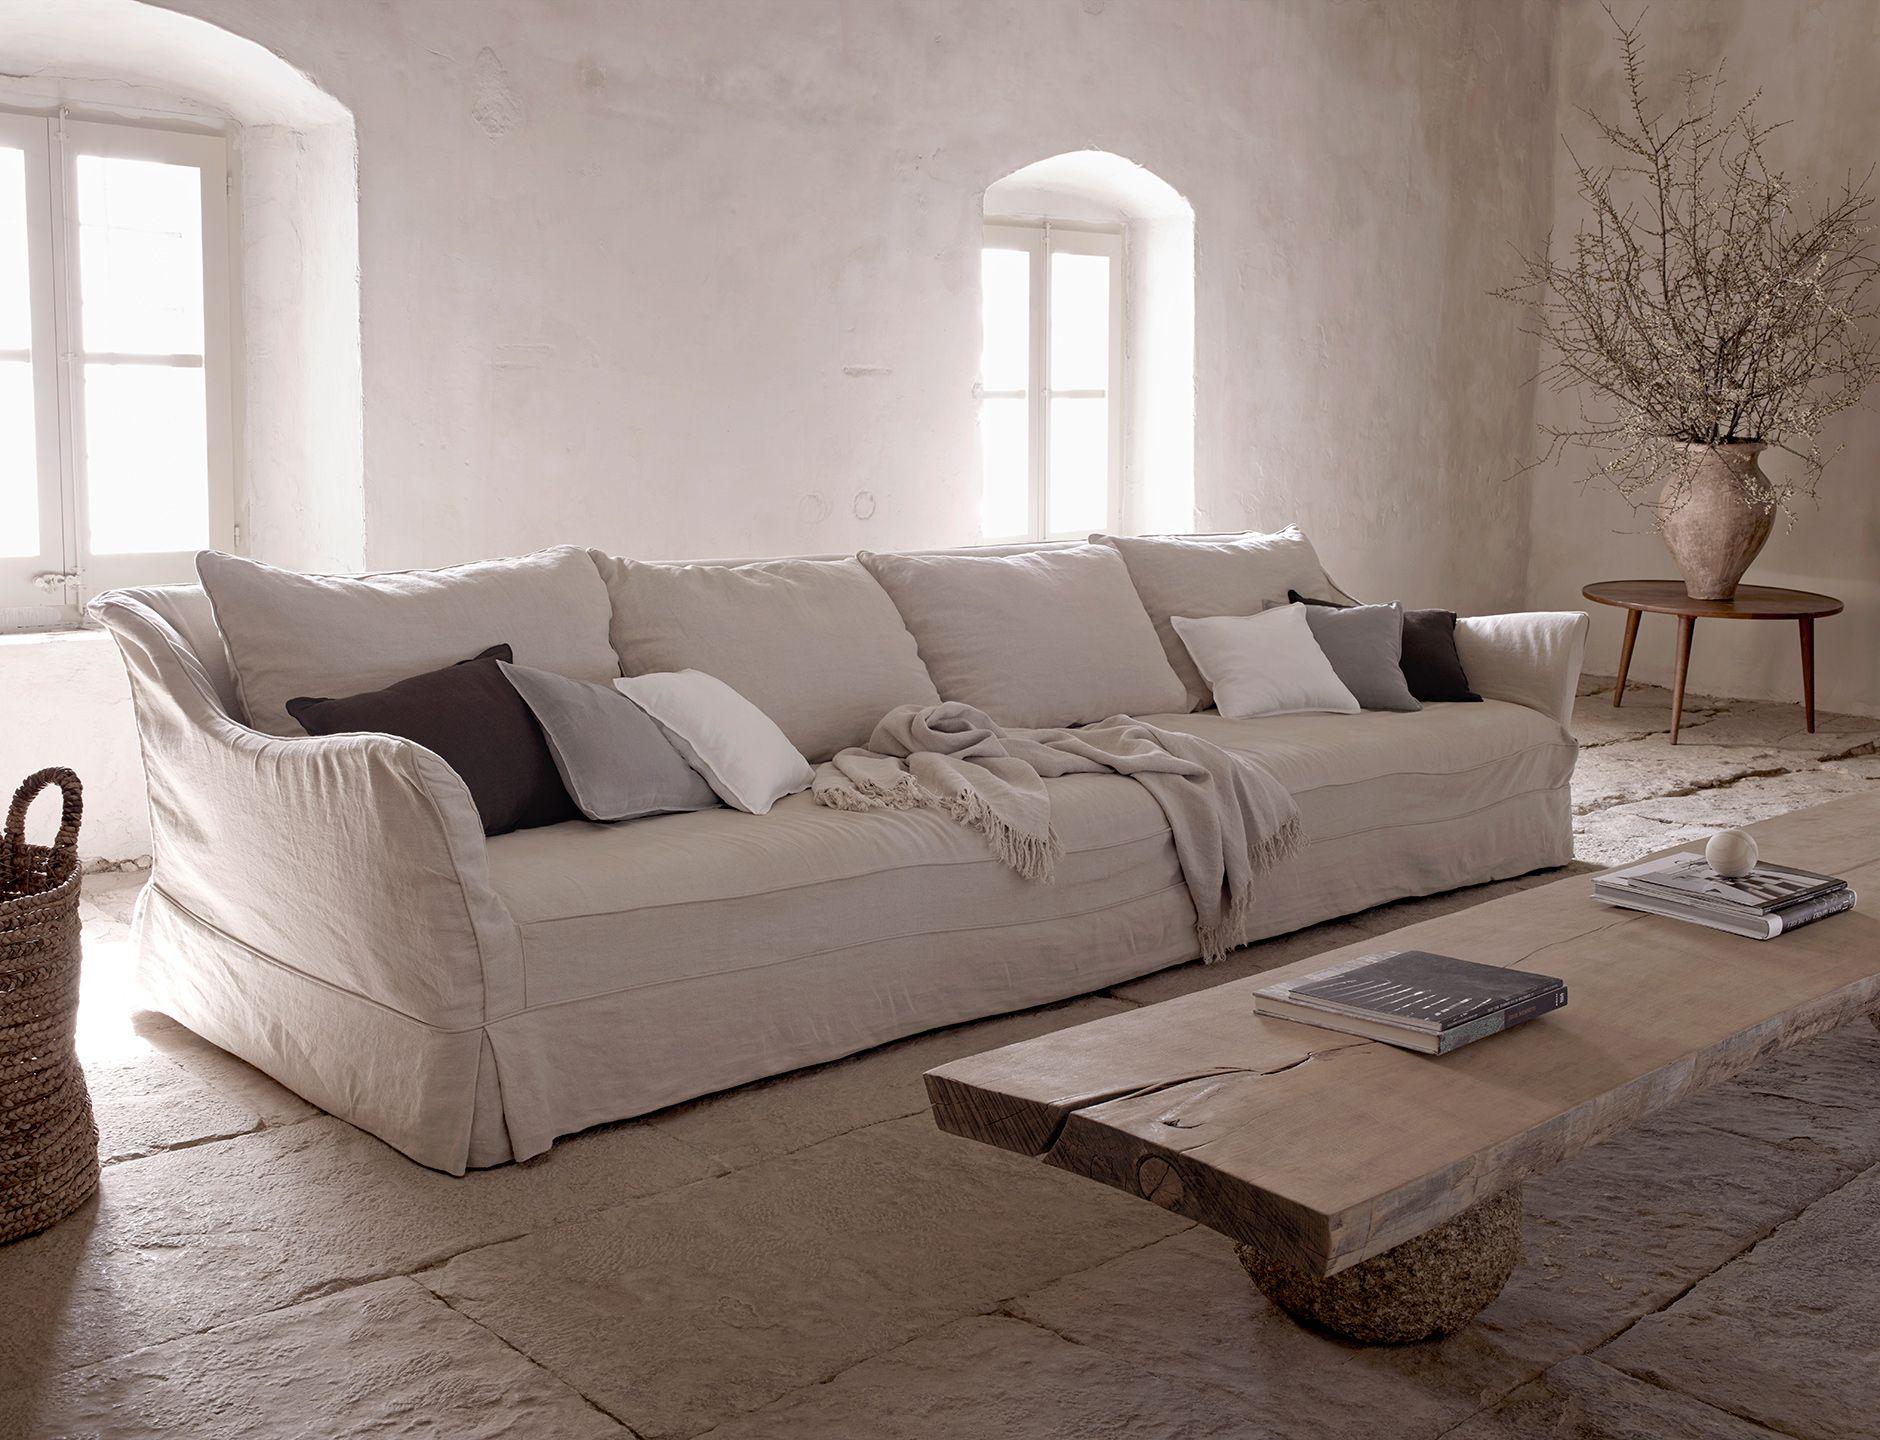 Interiores de casas rústicas: claves para decorarlos | Interiors ...